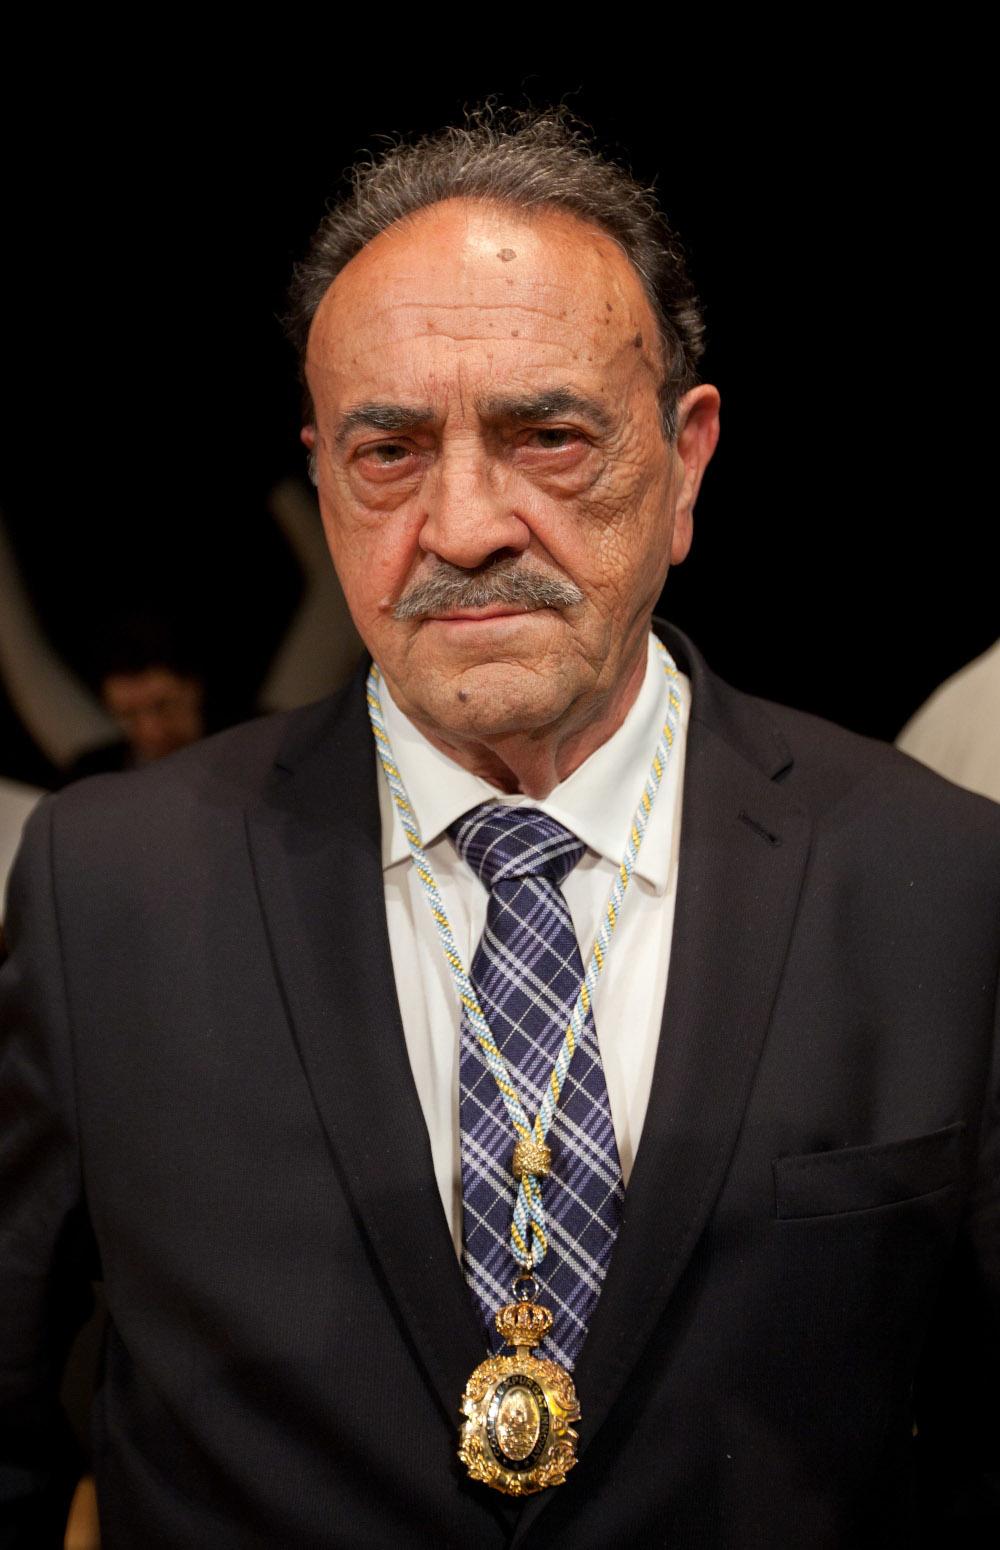 Tomiño rende homenaxe póstuma ao seu fillo predilecto Xose Luis Franco Grande